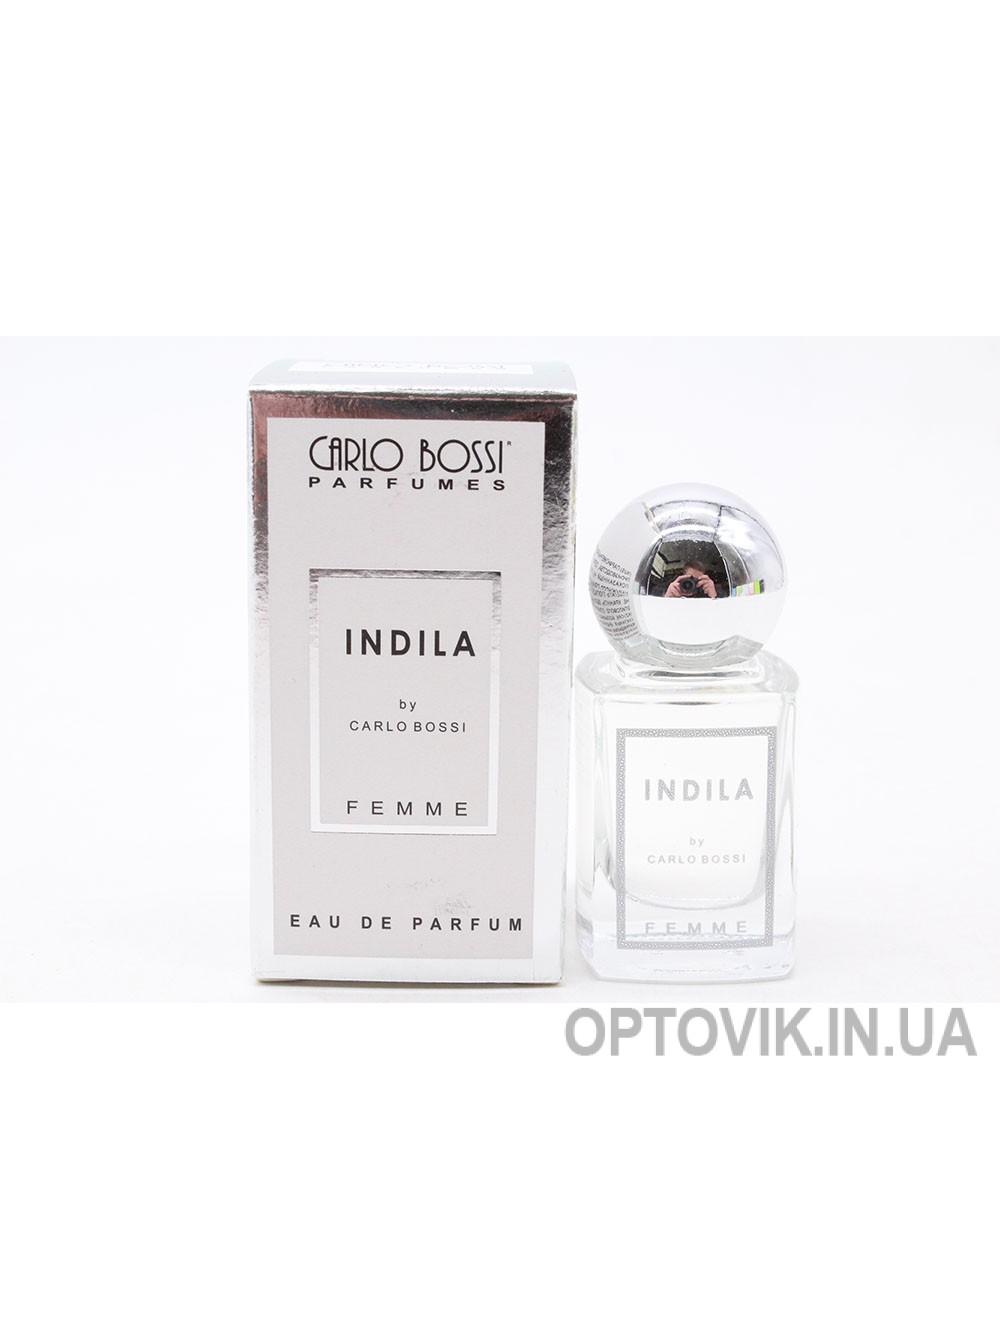 Женский парфюм тестер: CB-114089 10мл